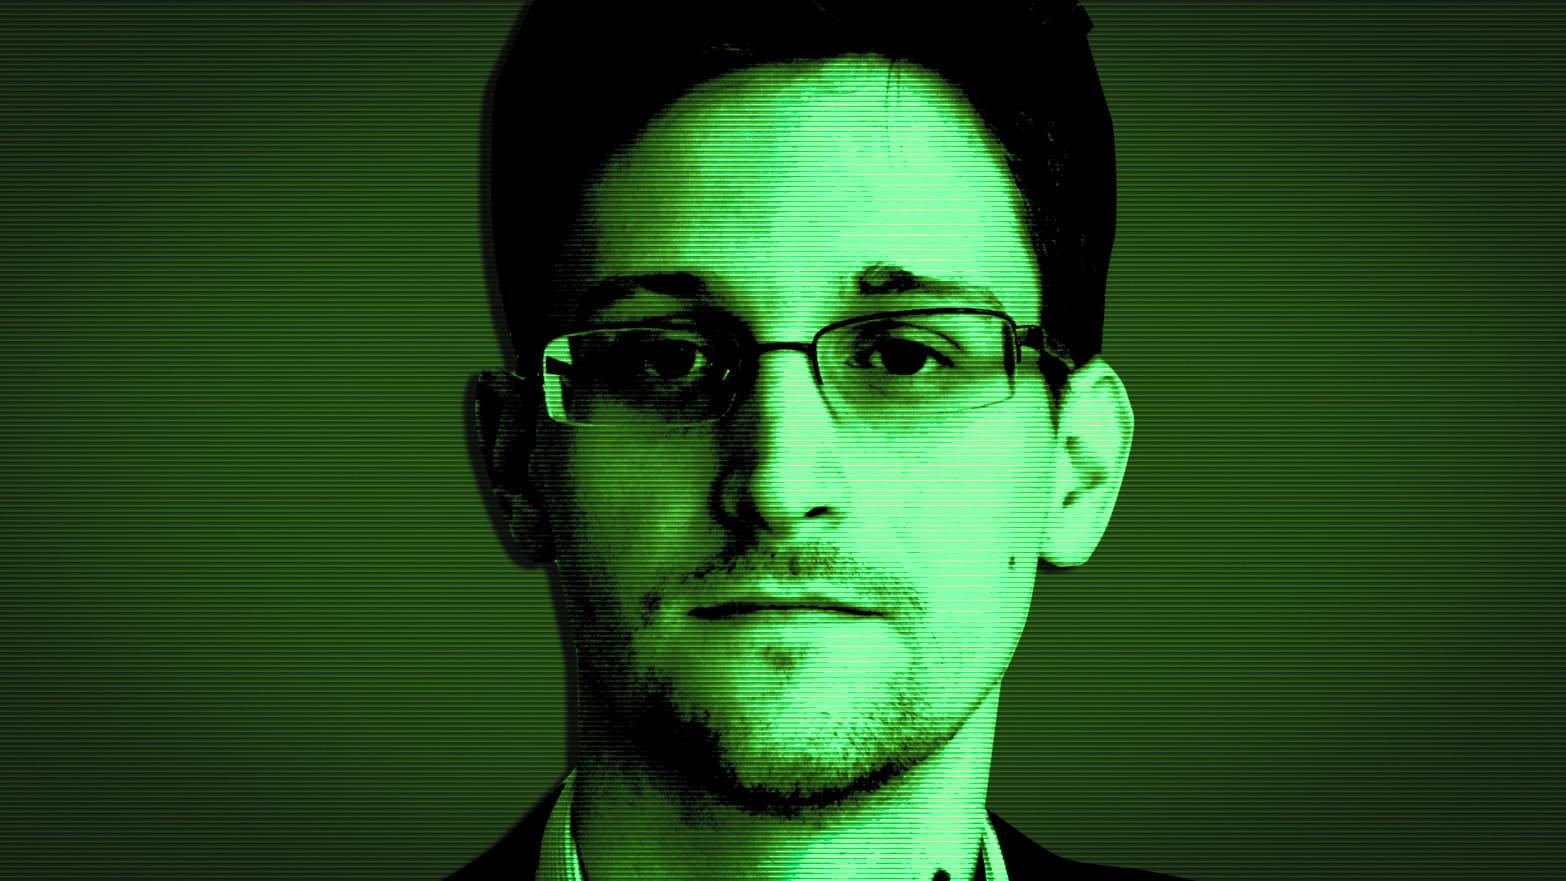 La France accueillera-t-elle un jour Edward Snowden ?